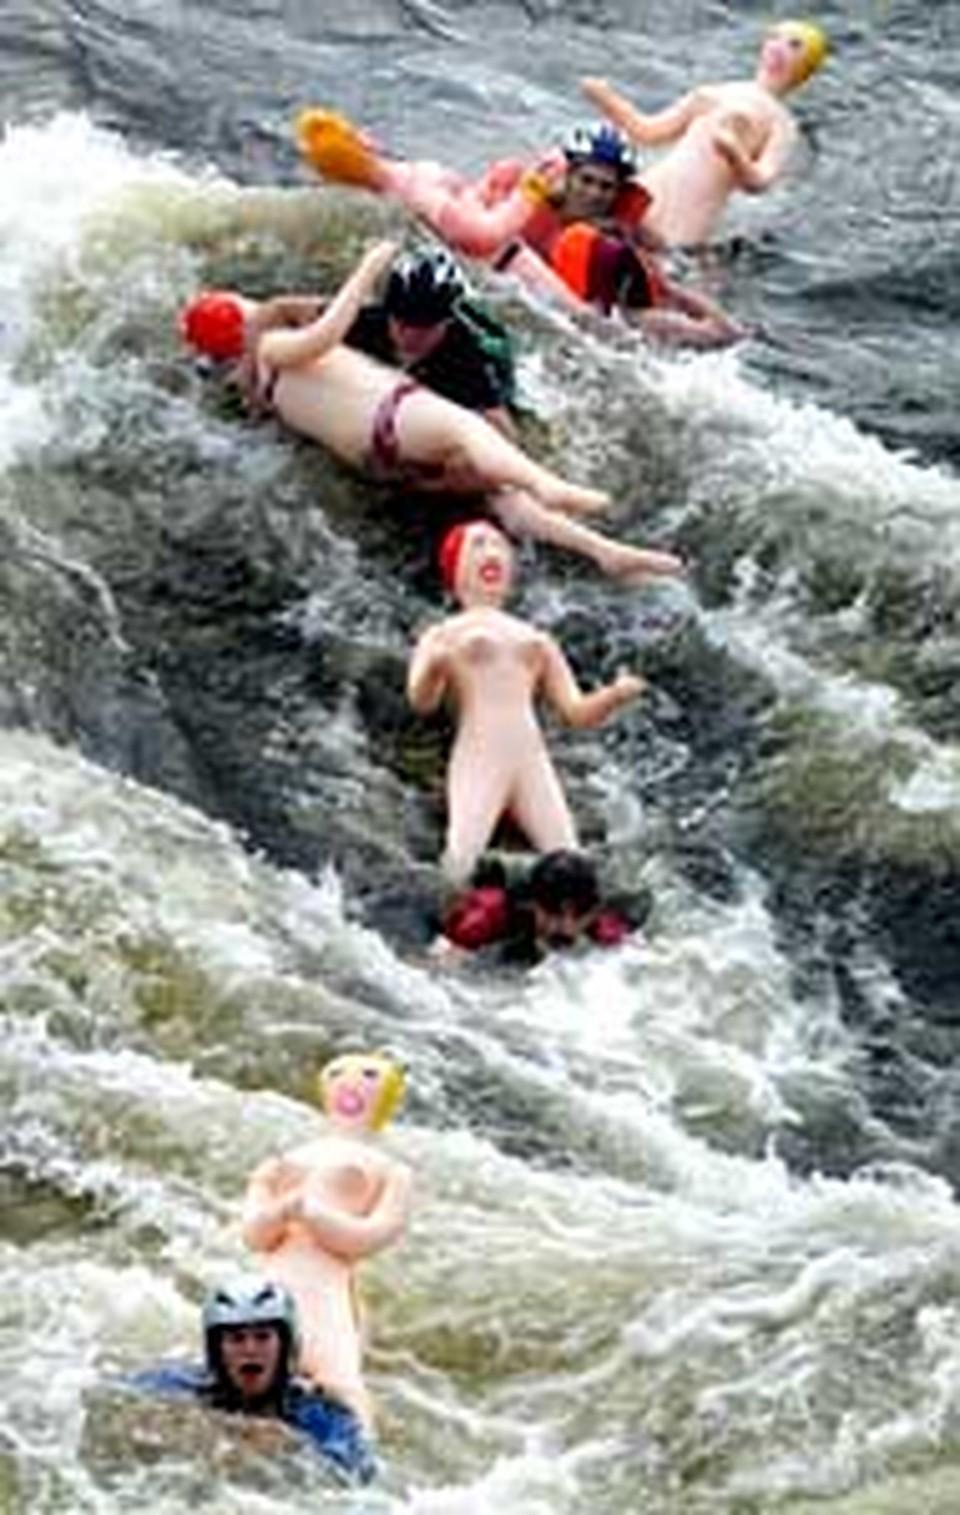 Все старались выбраться на середину реки - там самая сильная струя.